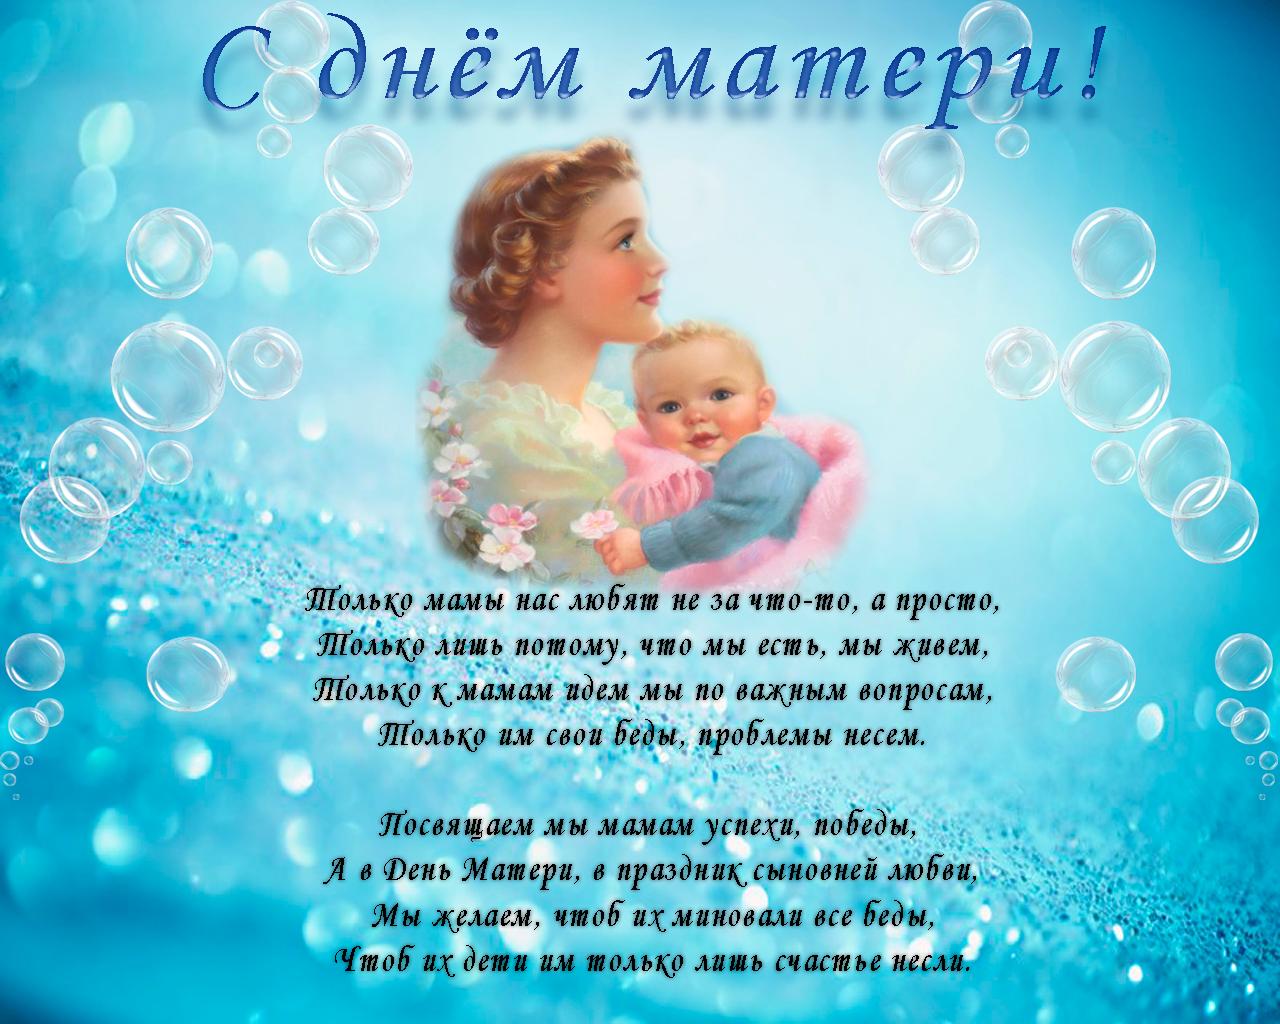 Поздравление с днём мамы открытки